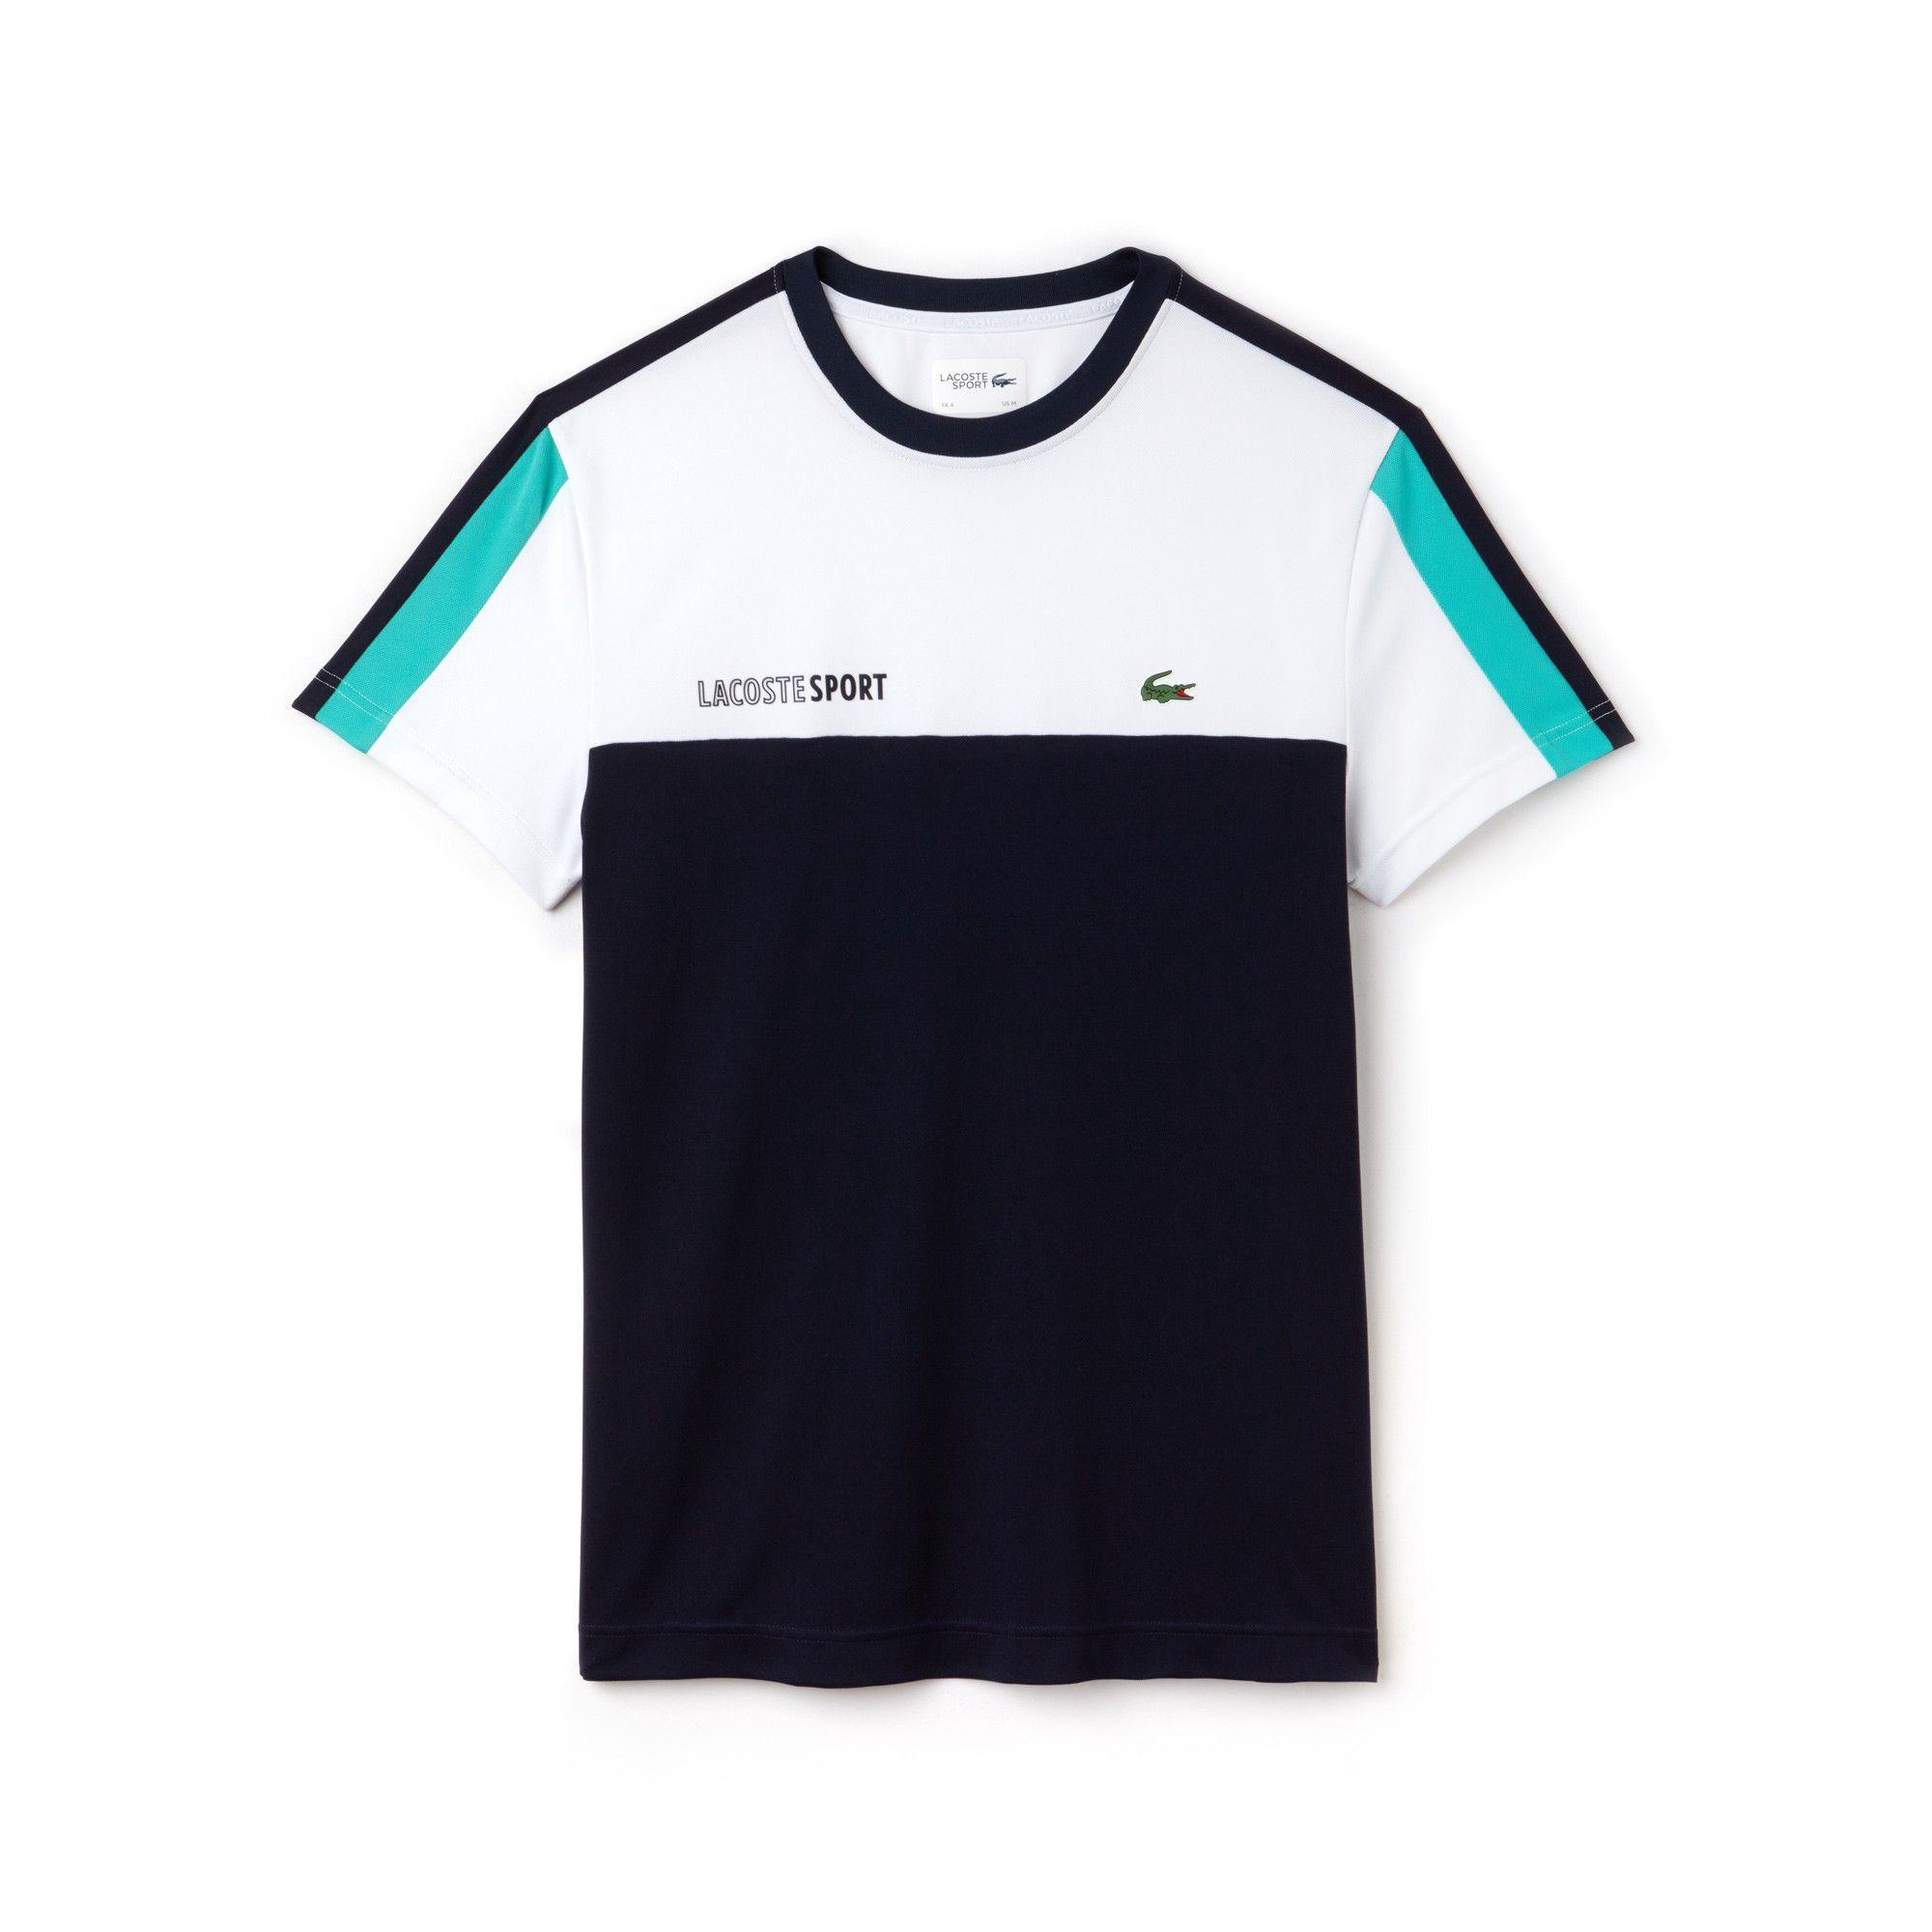 ea8df456 Lacoste Men's Sport Crew Neck Colorblock Piqué Tennis T-Shirt - White/Navy  Blue-Papeete Xxl 7 Green